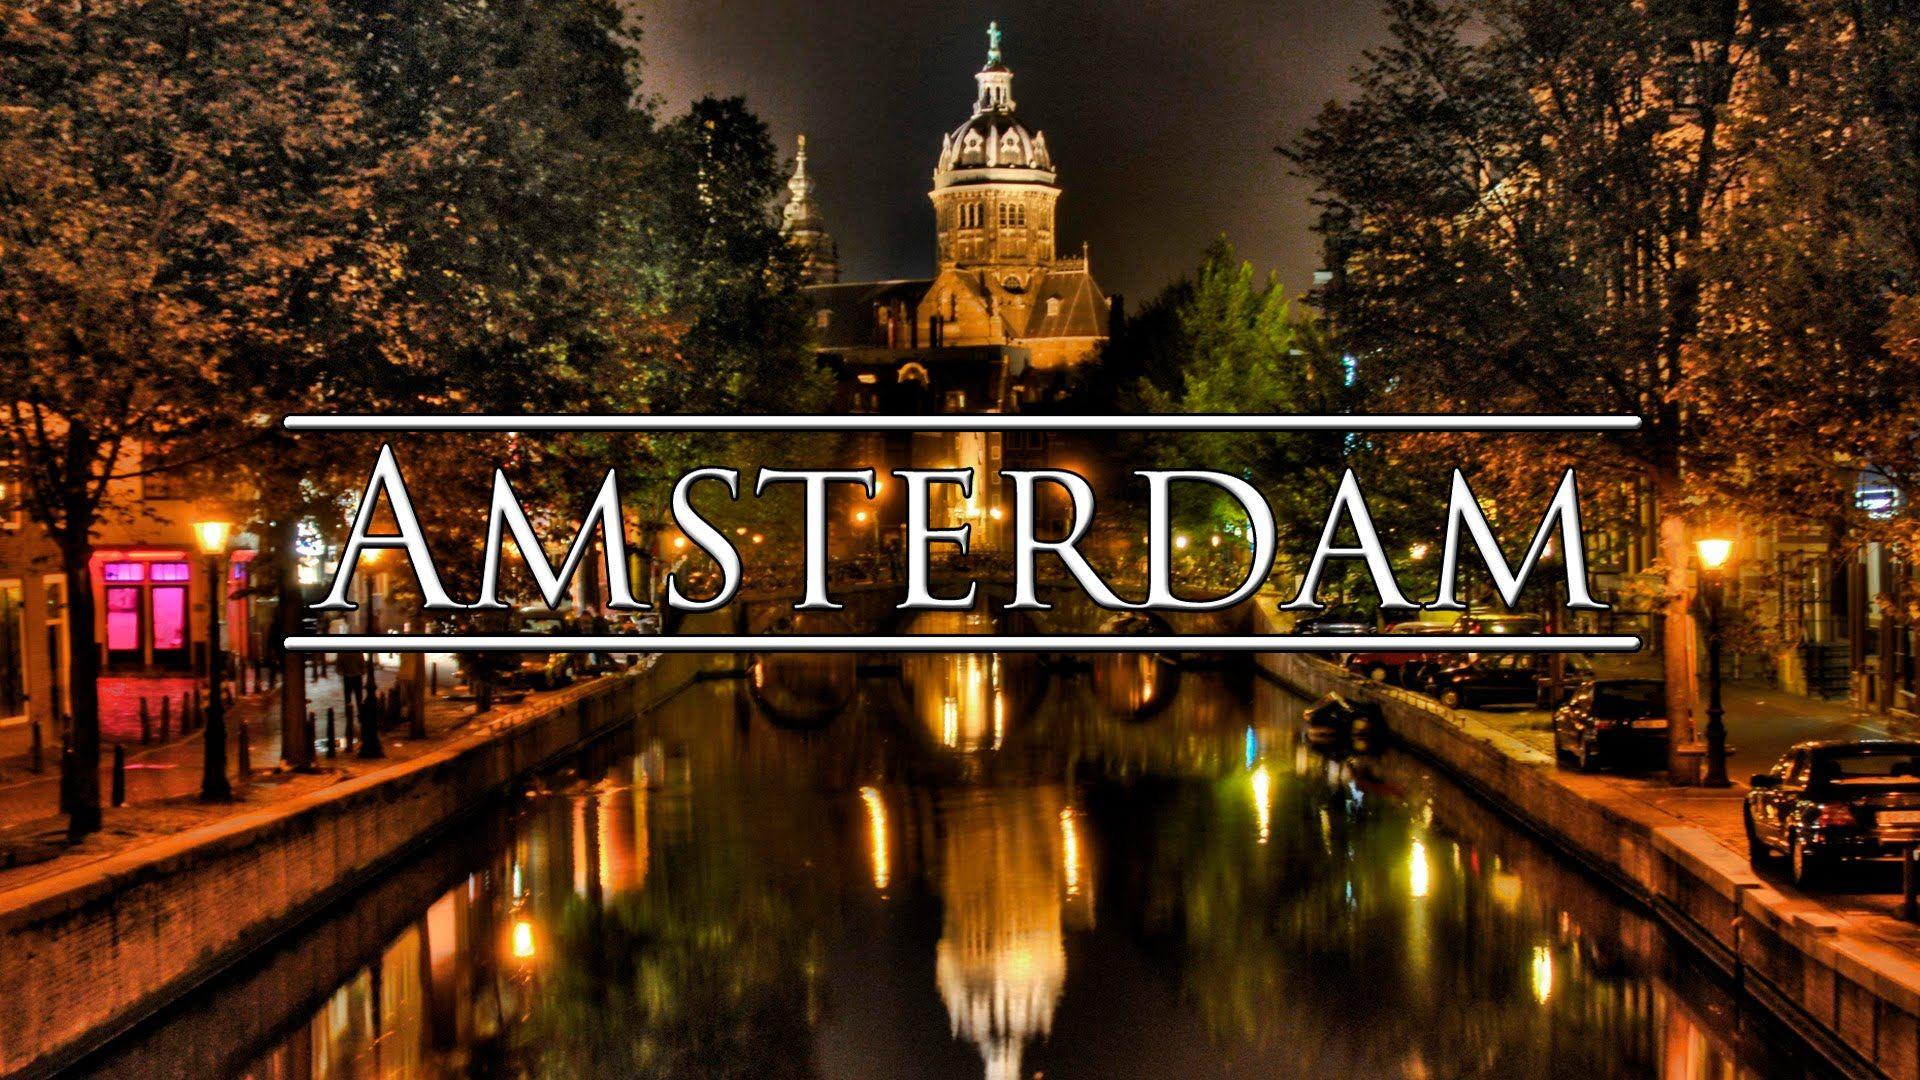 Чистым четвергом, картинки с надписью амстердам